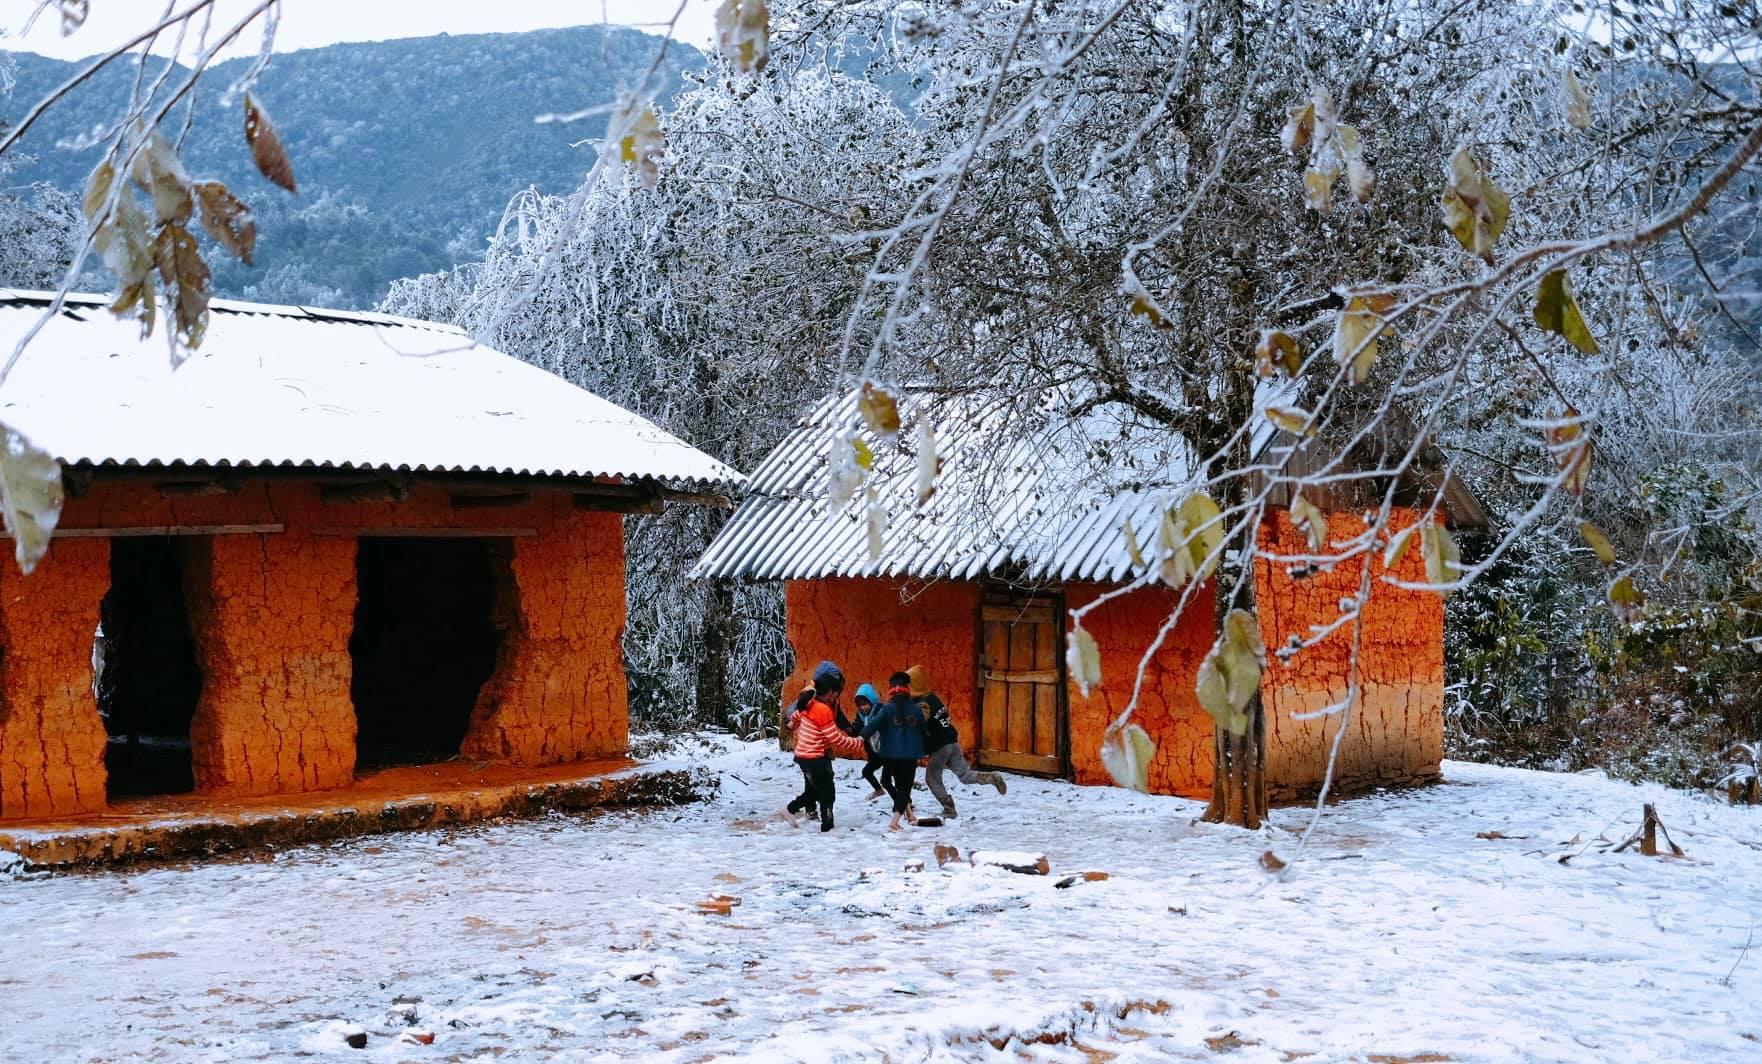 Chiêm ngưỡng cảnh đẹp tuyết rơi Sapa - Nguồn ảnh: Nguyễn Quỳnh Trang Chu